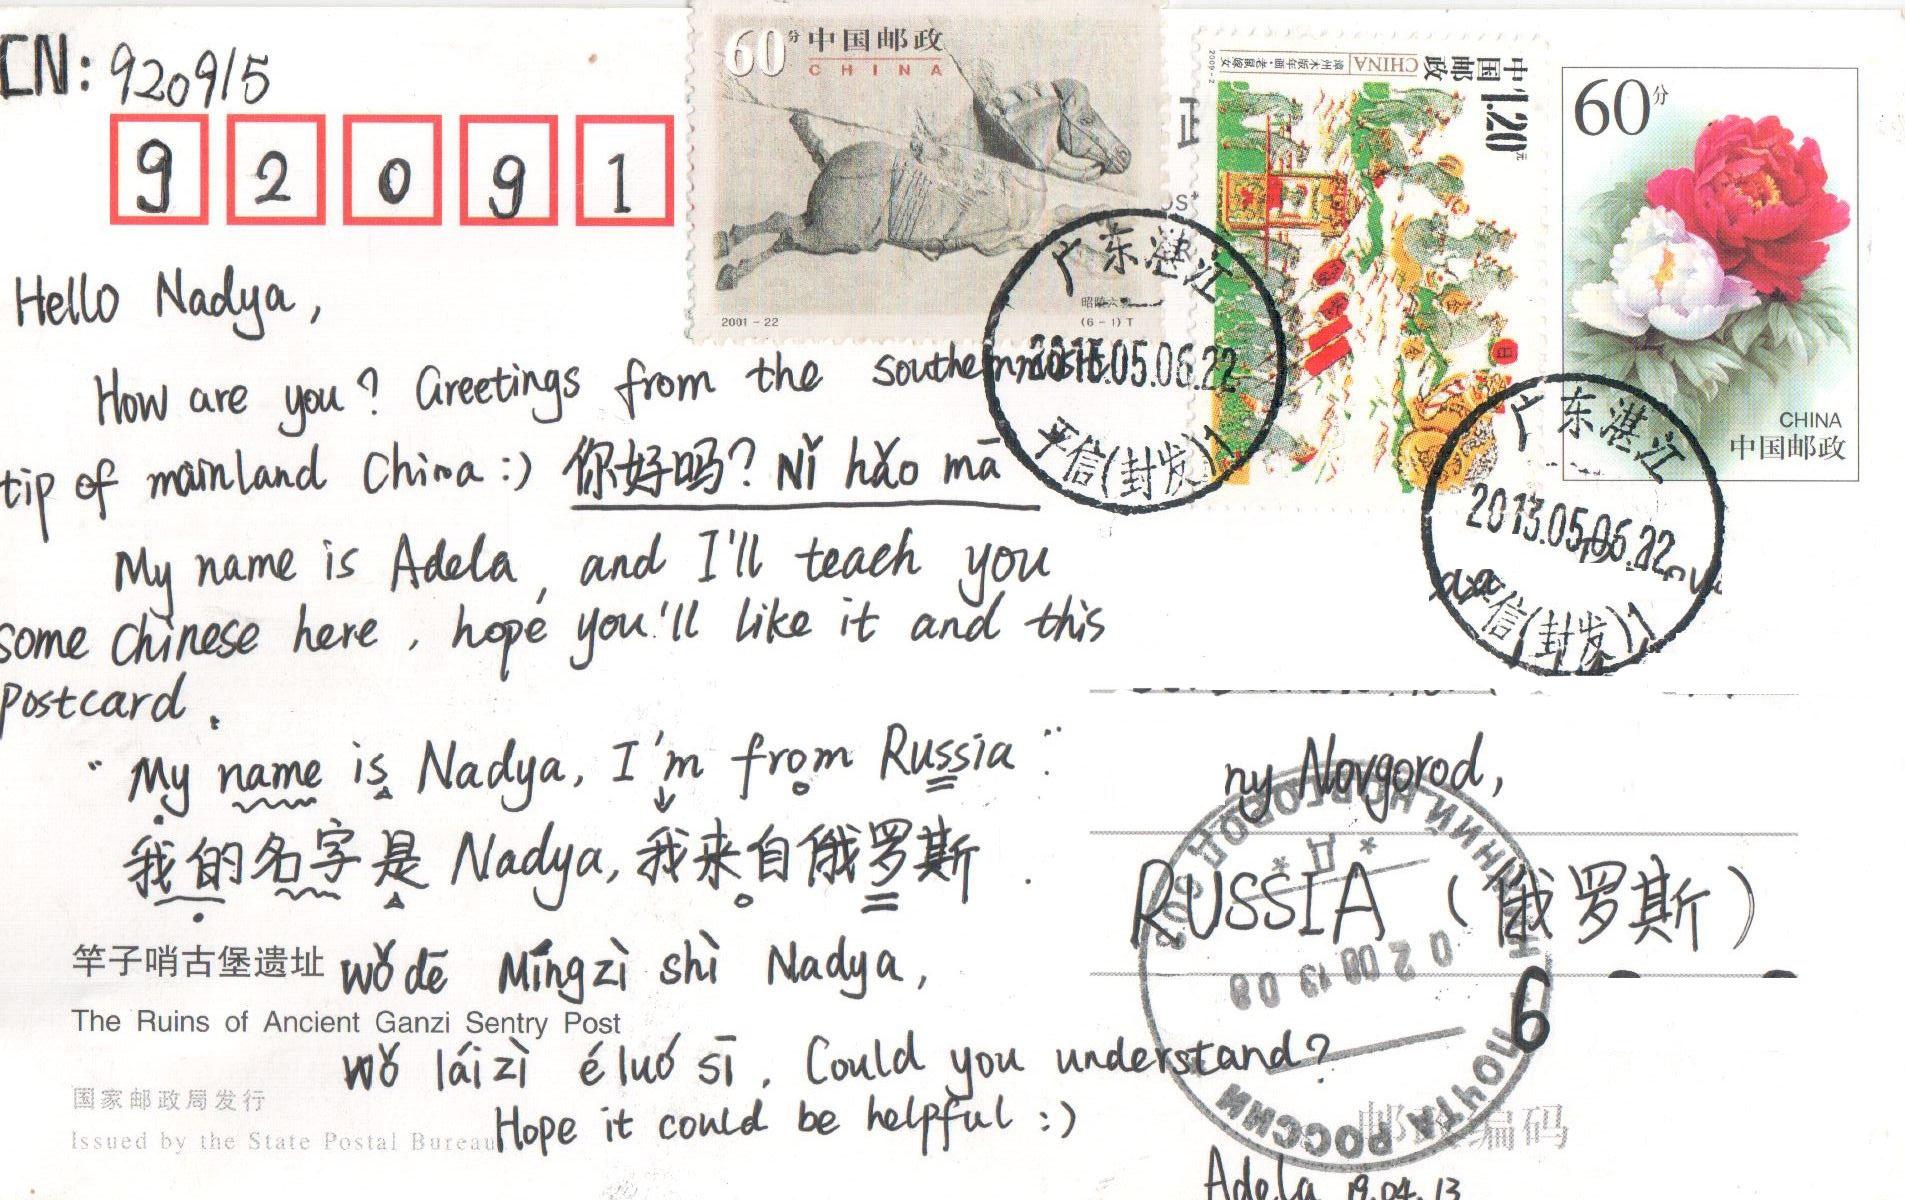 как отправлять открытки для посткроссинга она делала фоторепортажи